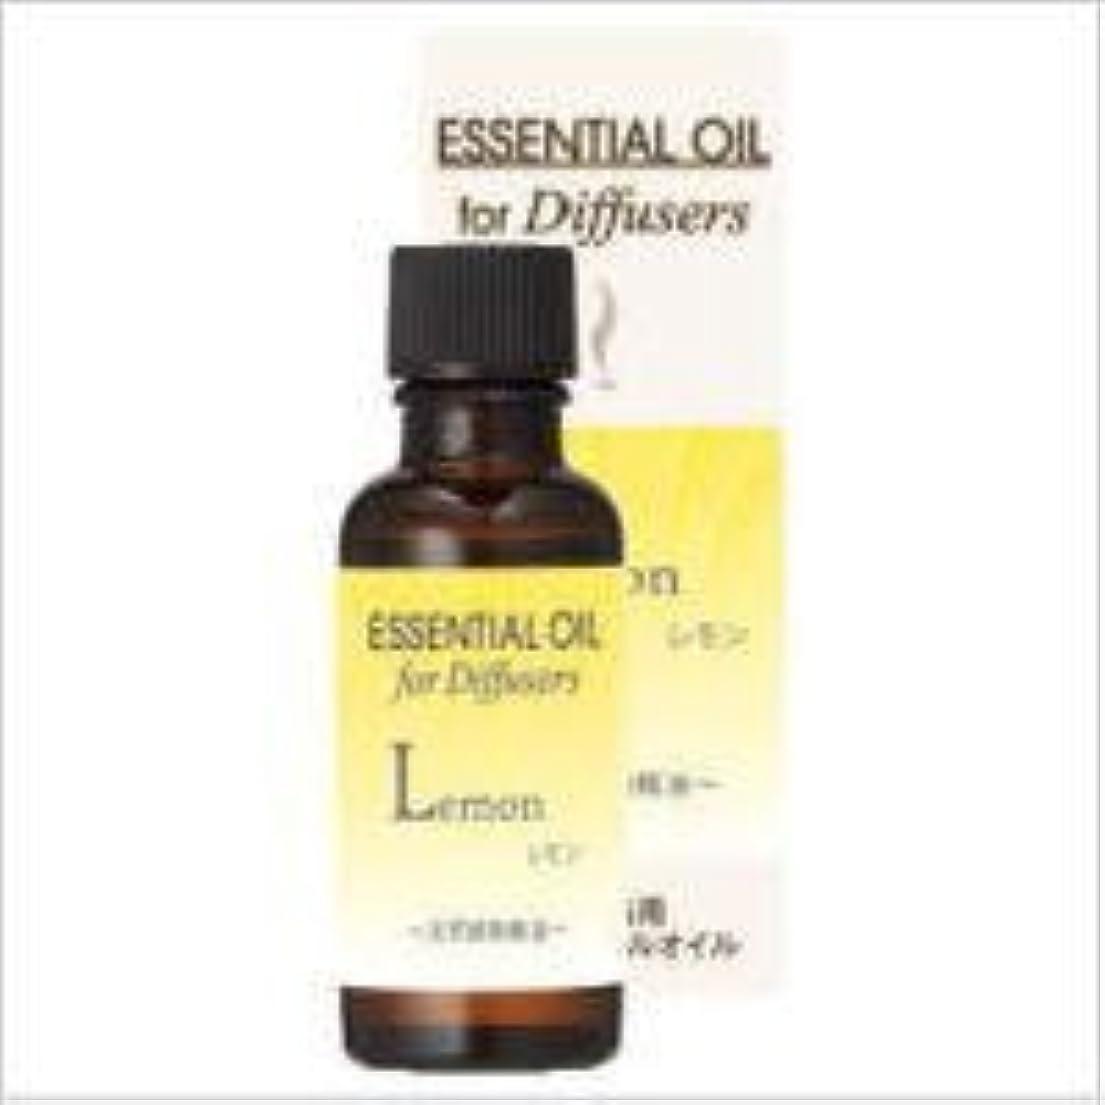 味付け標高お手伝いさん生活の木 芳香浴用エッセンシャルオイル レモン[30ml] エッセンシャルオイル/精油